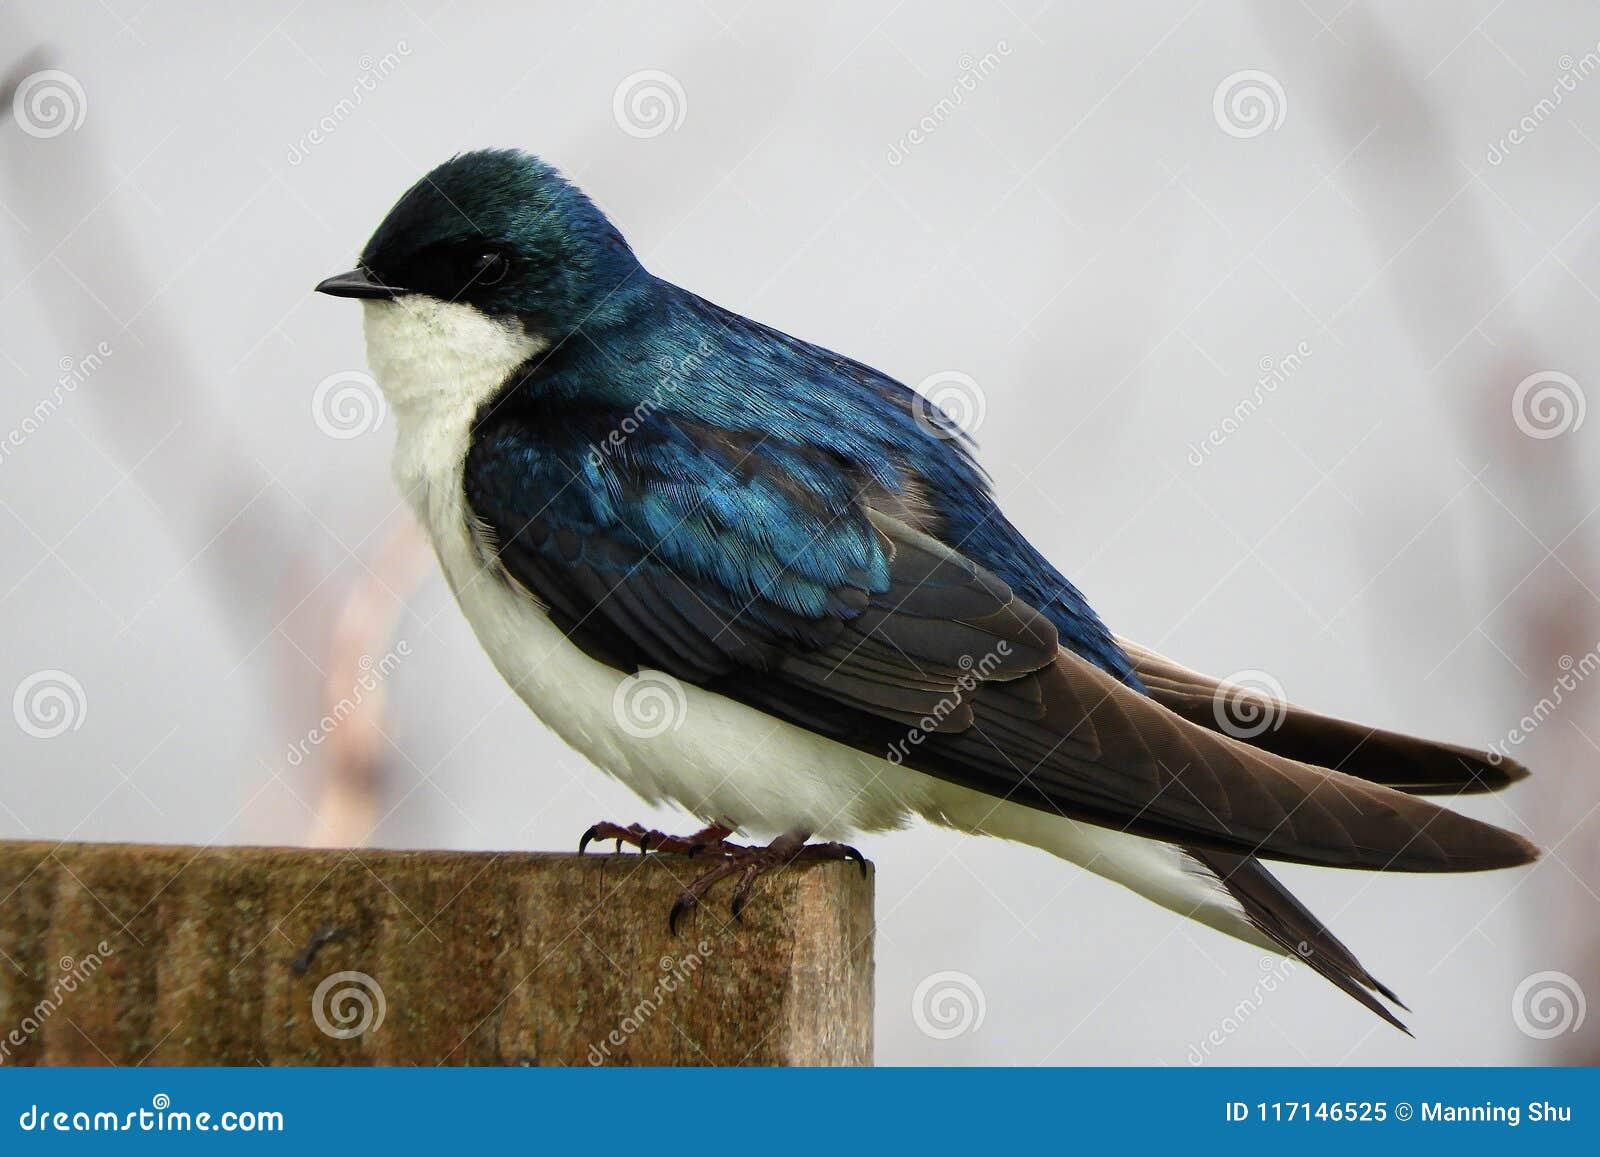 Andorinha de árvore azul empoleirada no cargo de madeira